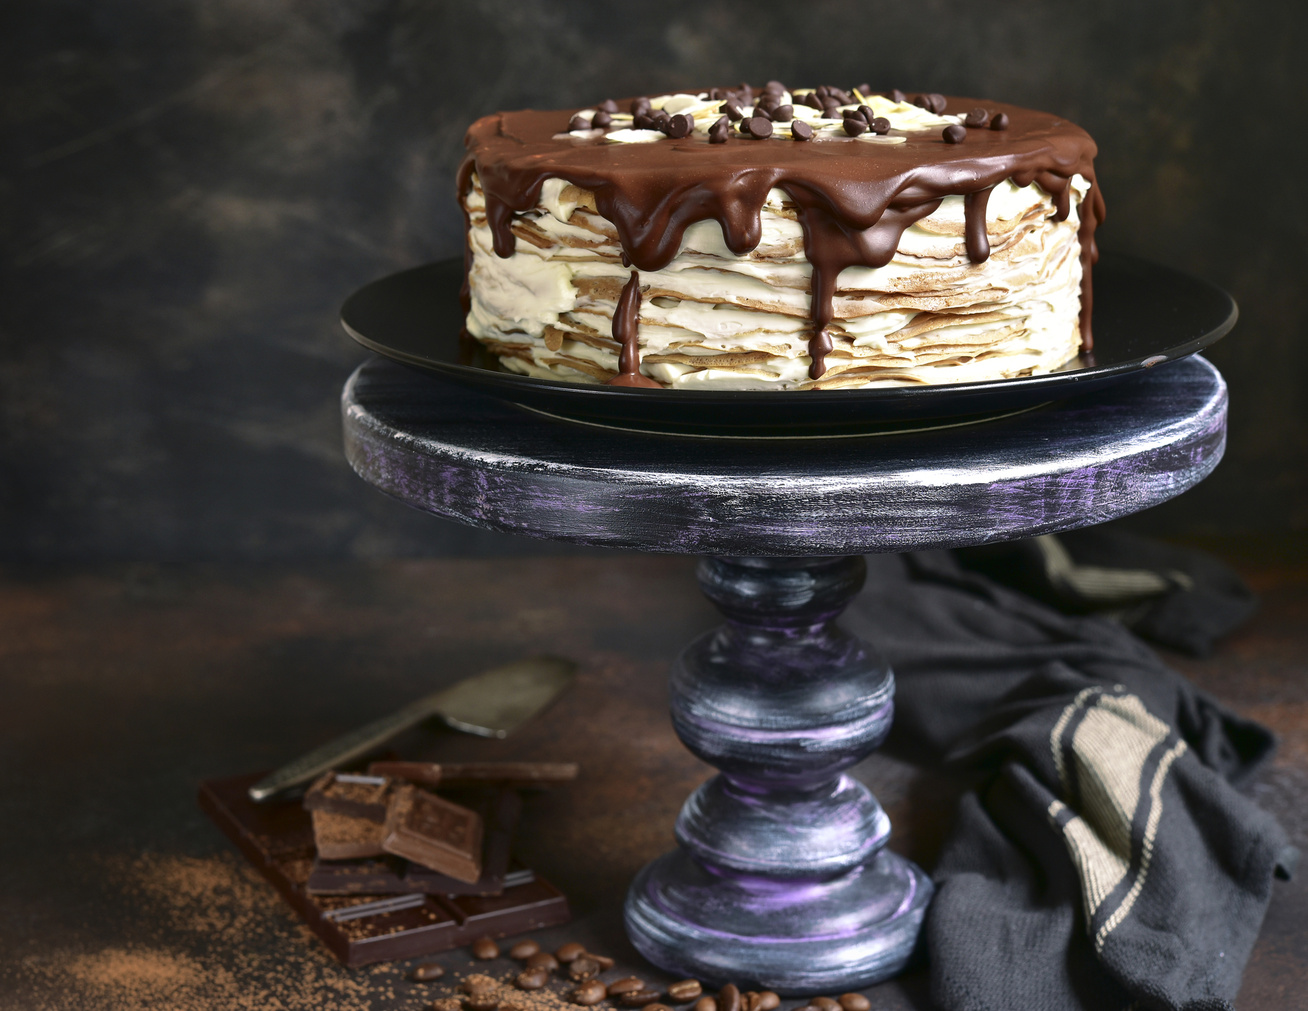 Krémes, emeletes palacsintatorta - Bármelyik sütivel felveszi a versenyt